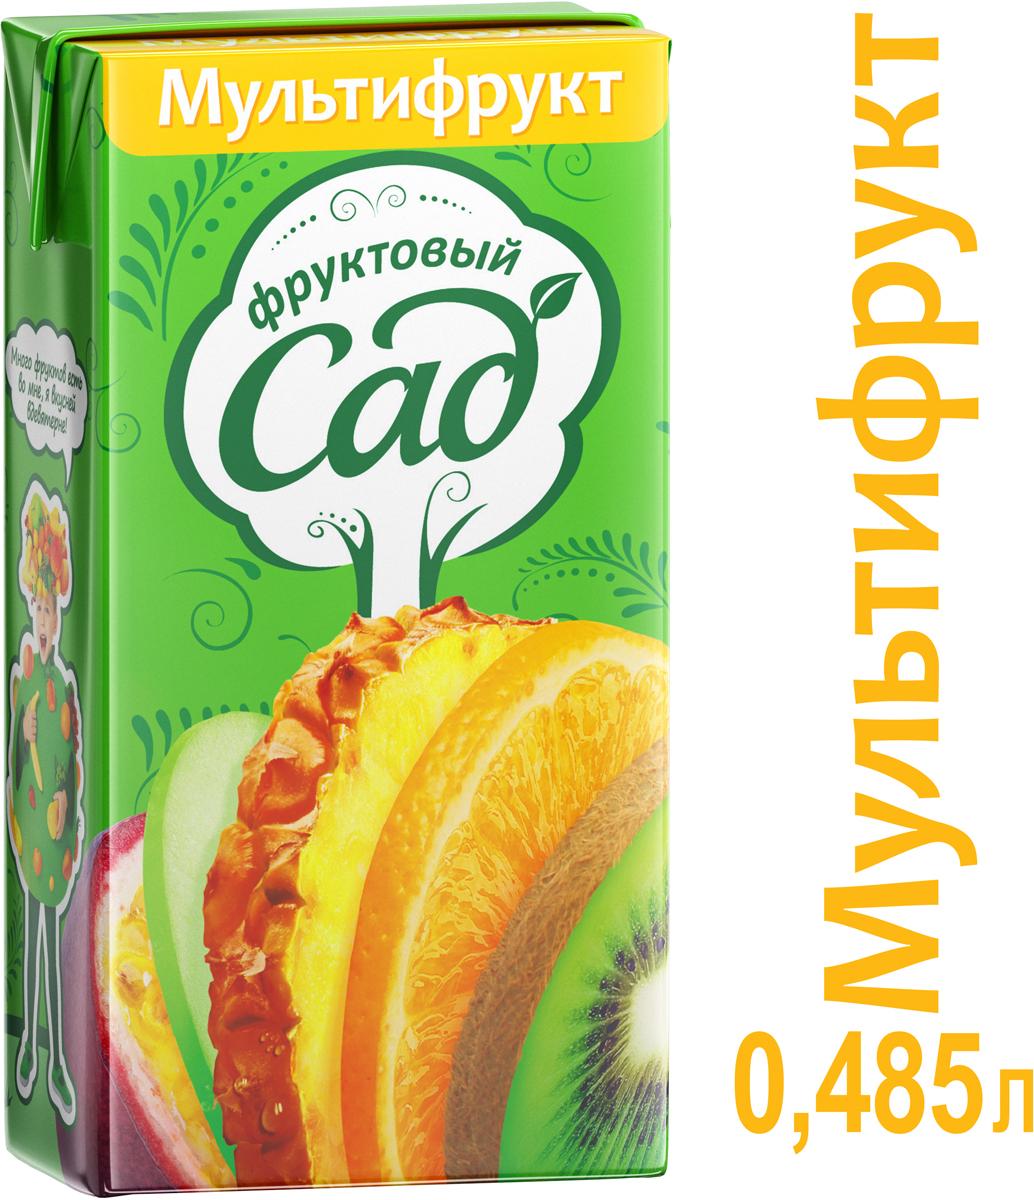 Фруктовый Сад Мультифрукт нектар с мякотью 0,485 л фруктовый чай императорский сад